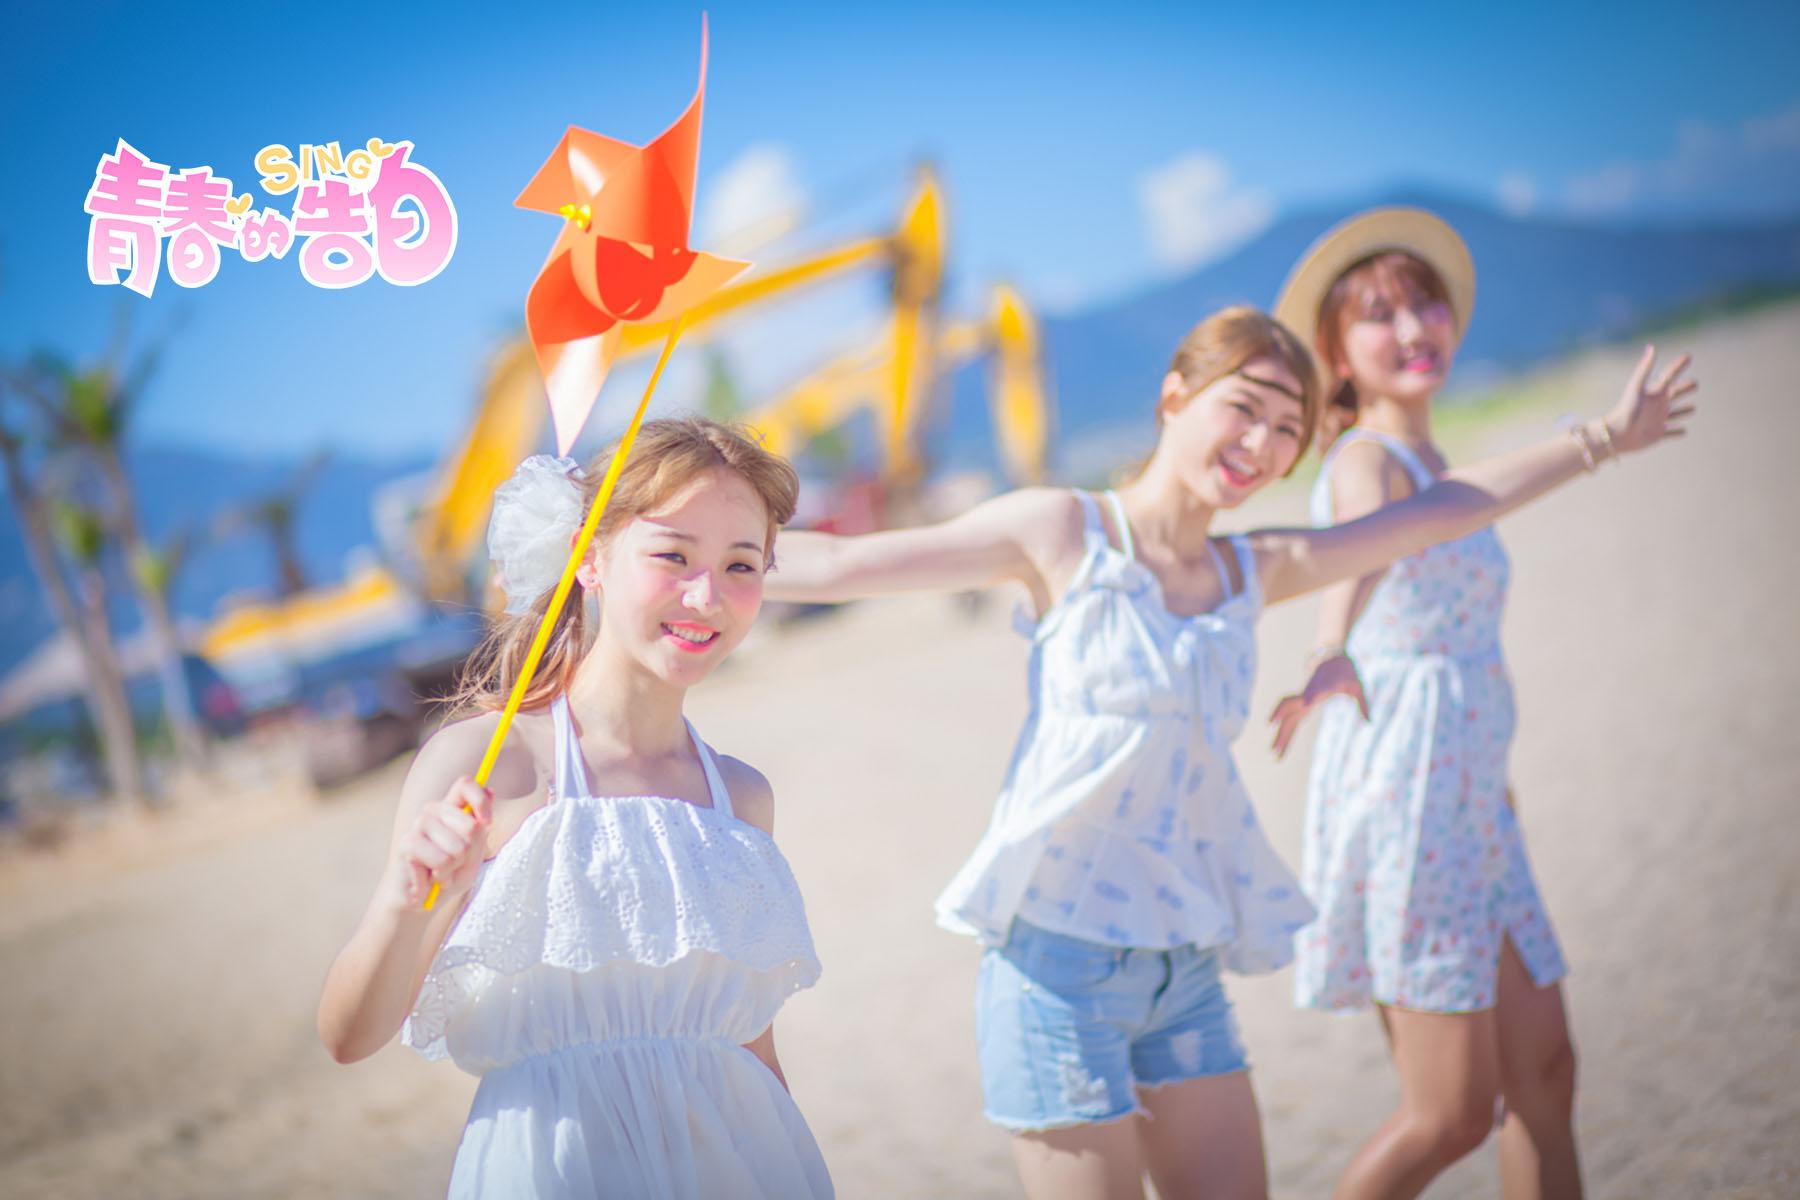 SING女团沙滩写真曝光 青春少女初成长